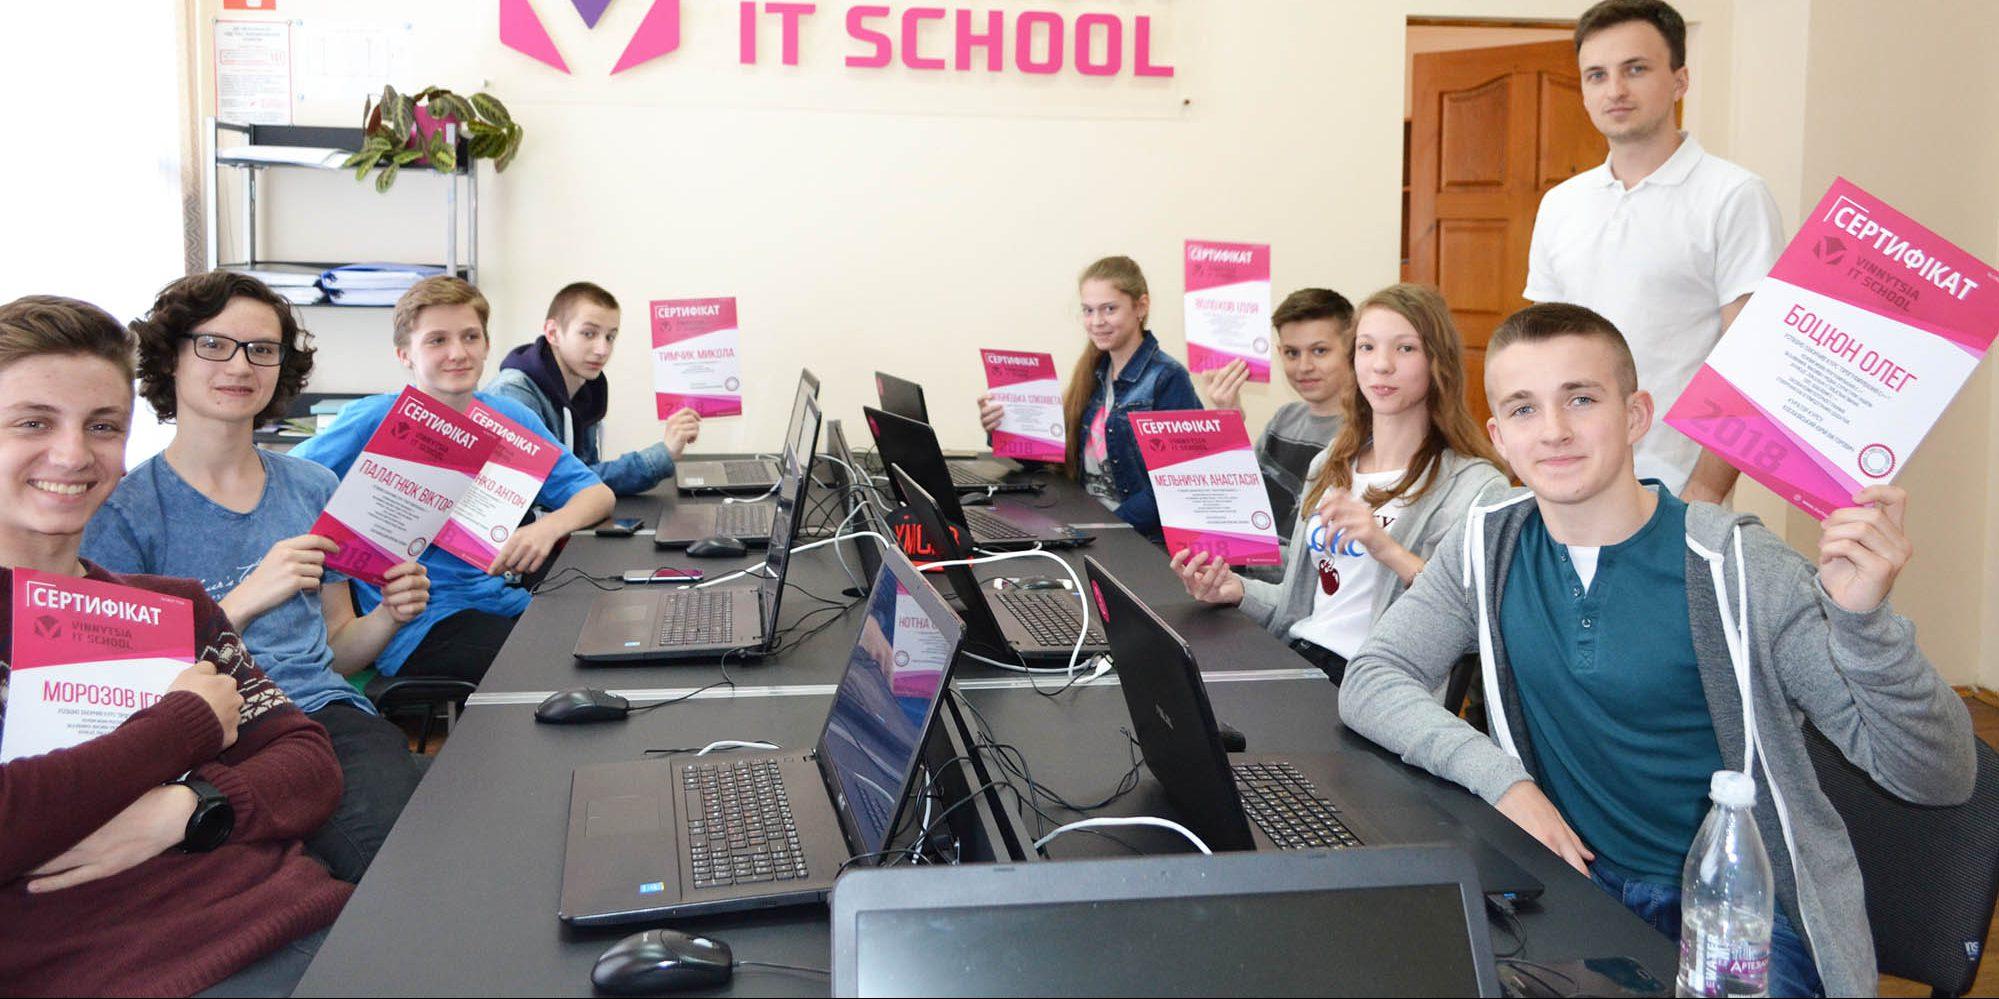 vinnytsia.it.school160418 10